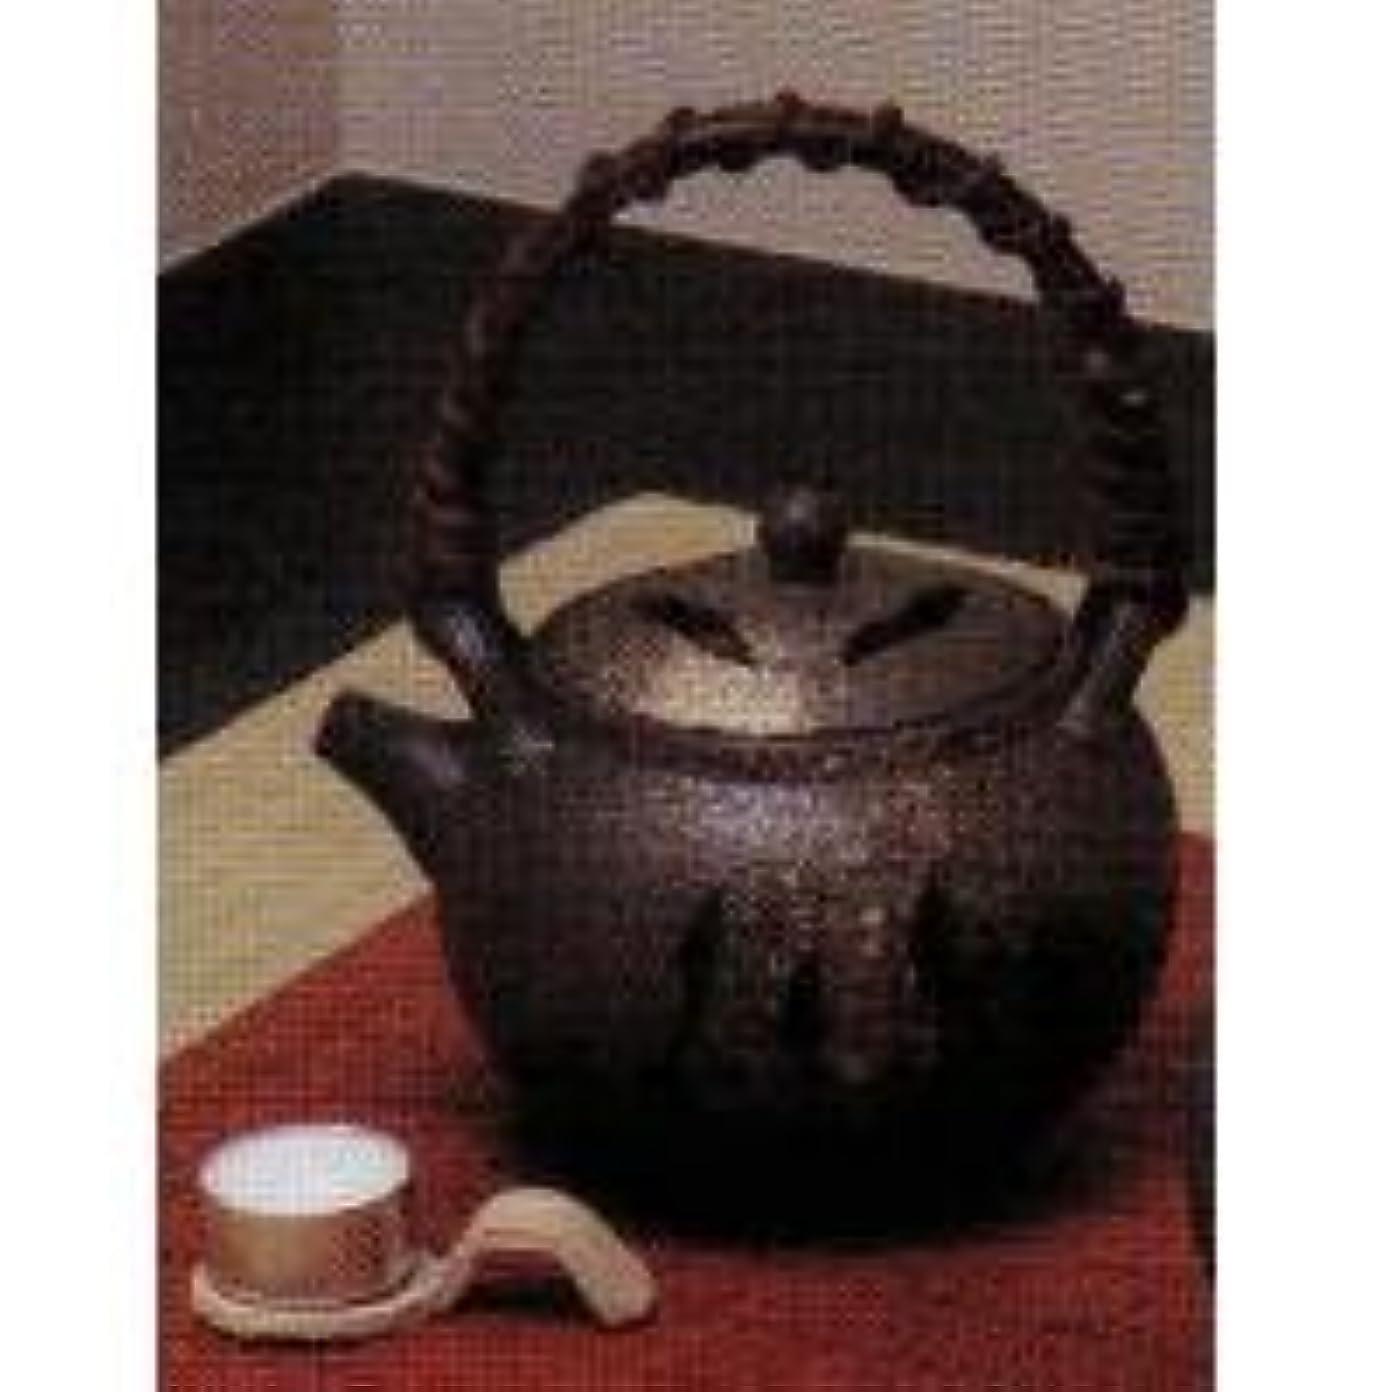 宿題をする経験的意気揚々SS-P6099-01 白窯肌土瓶型茶香炉(板付)